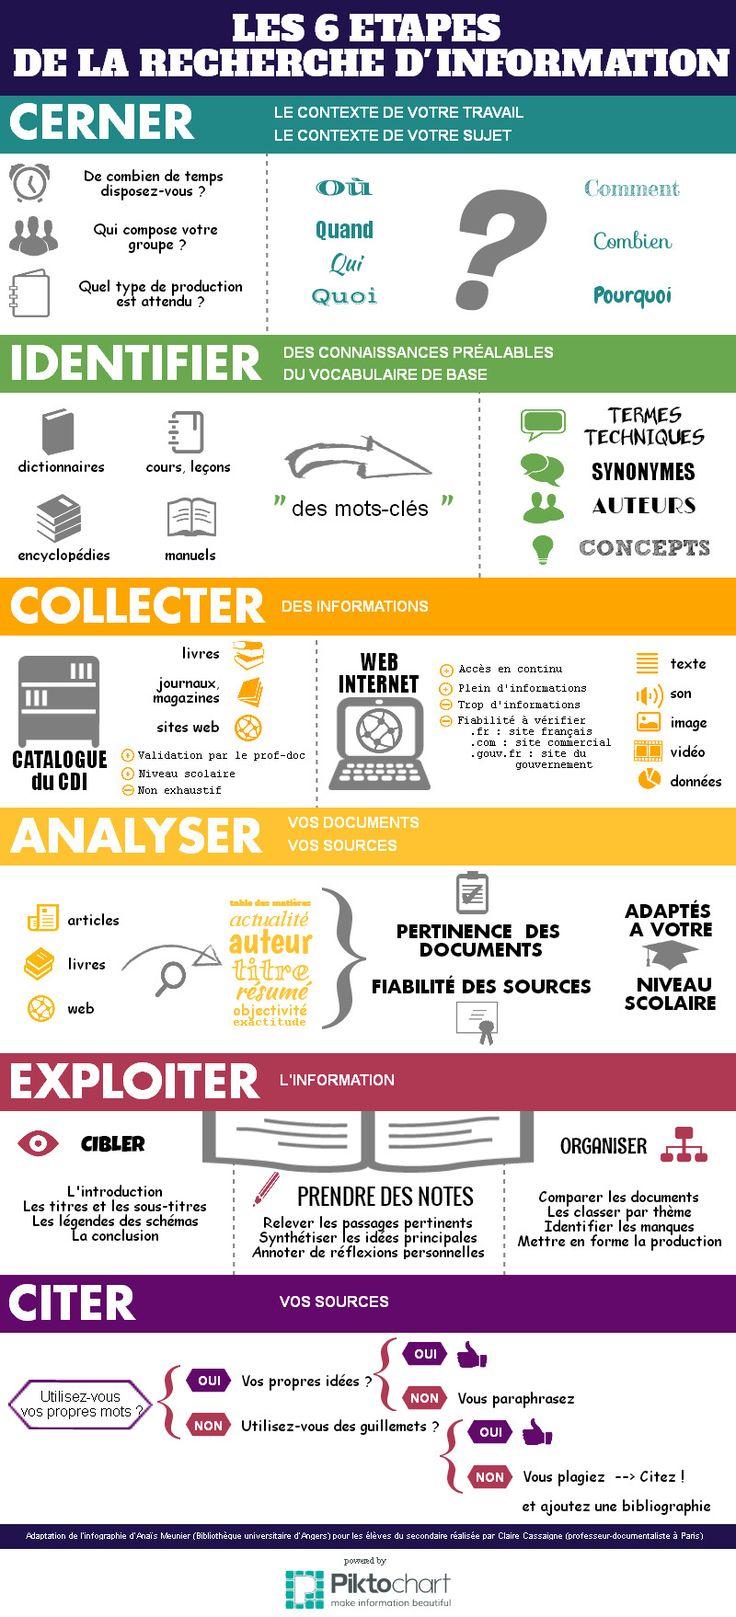 Etapes de la recherche d'information | Piktochart Infographic Editor. Une idée d infographie pr les cours, à adapter à la veille